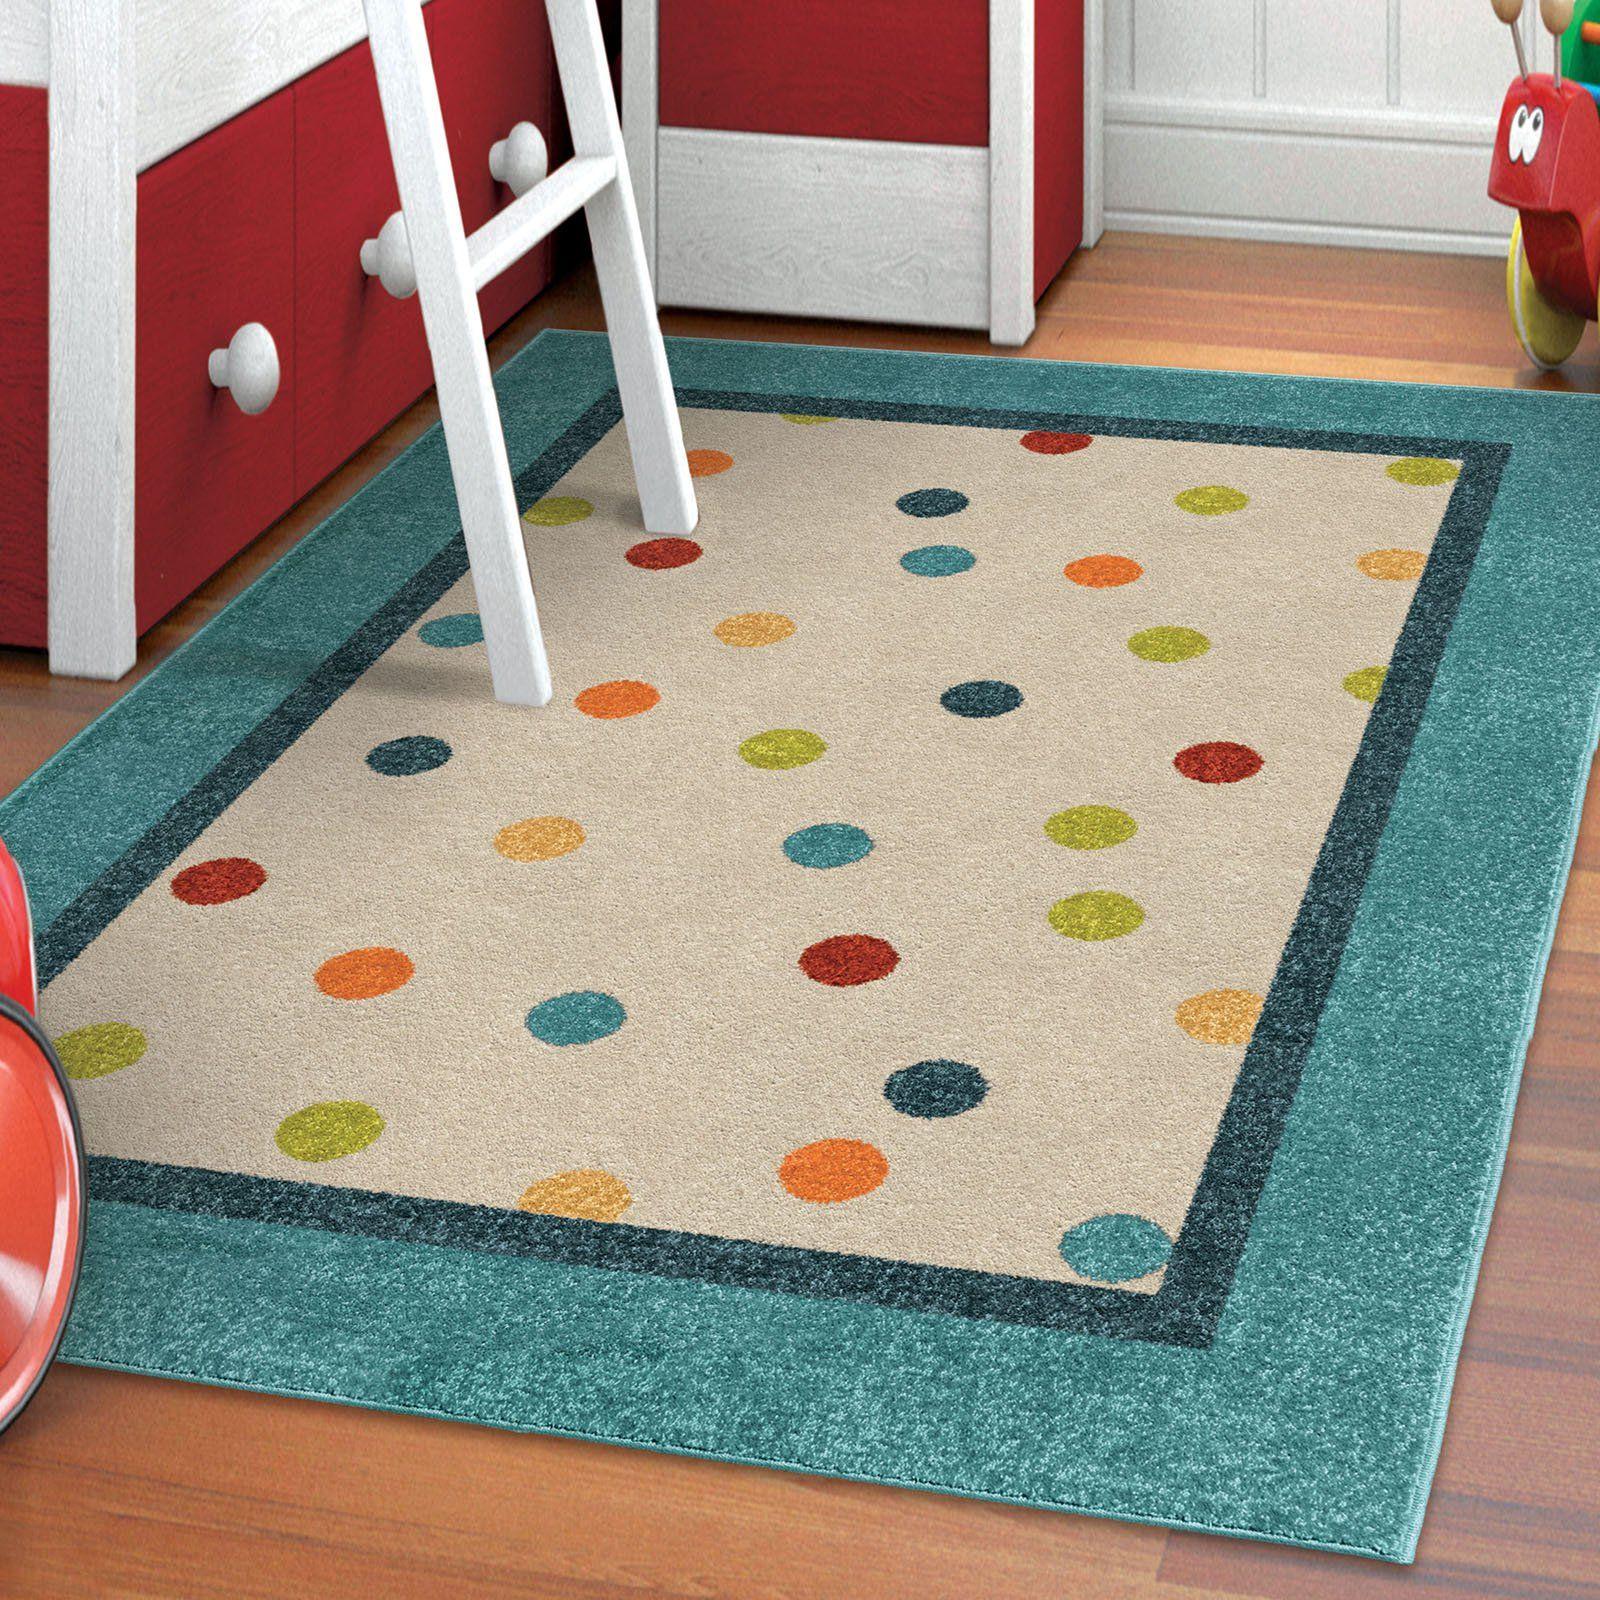 Orian Rugs Polka Teal Indoor/Outdoor Area Rug Walmart